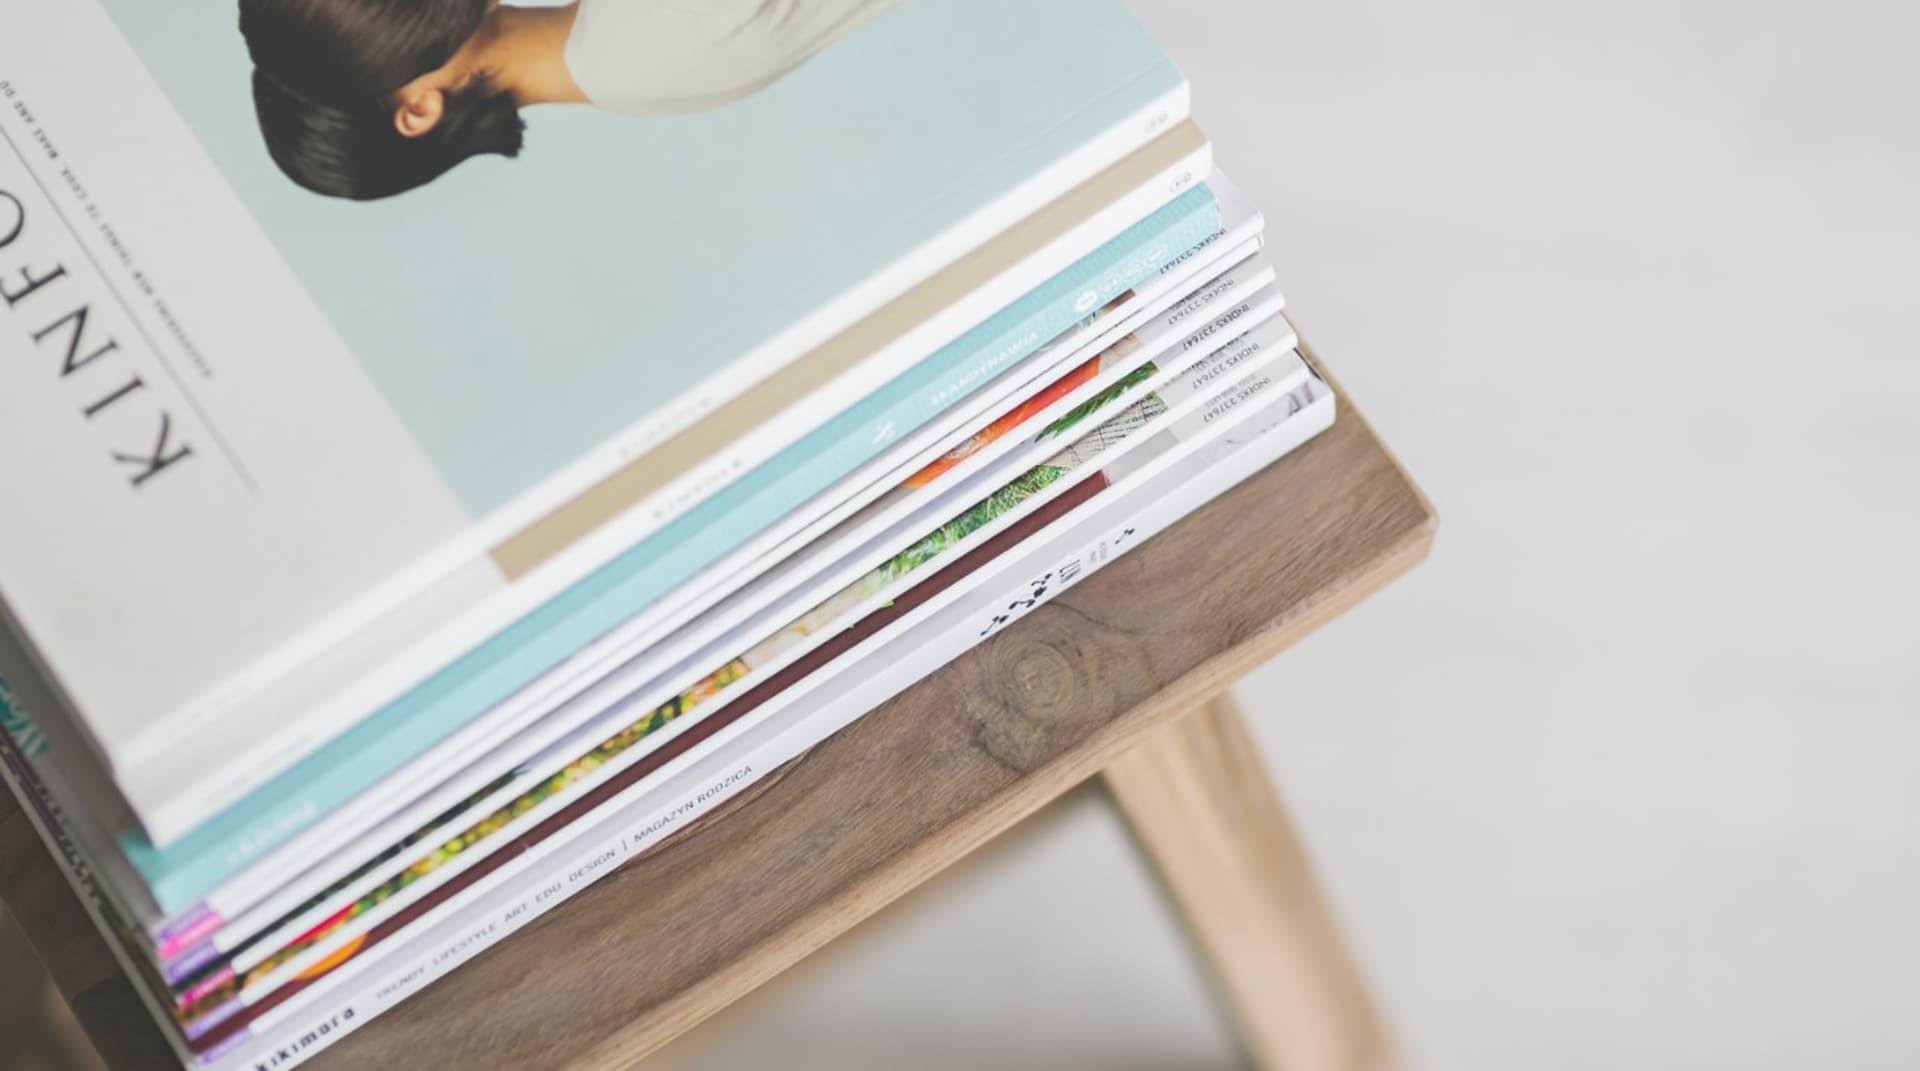 Как печатные издания перестроили работу, чтобы сохранить бизнес и интерес читателя